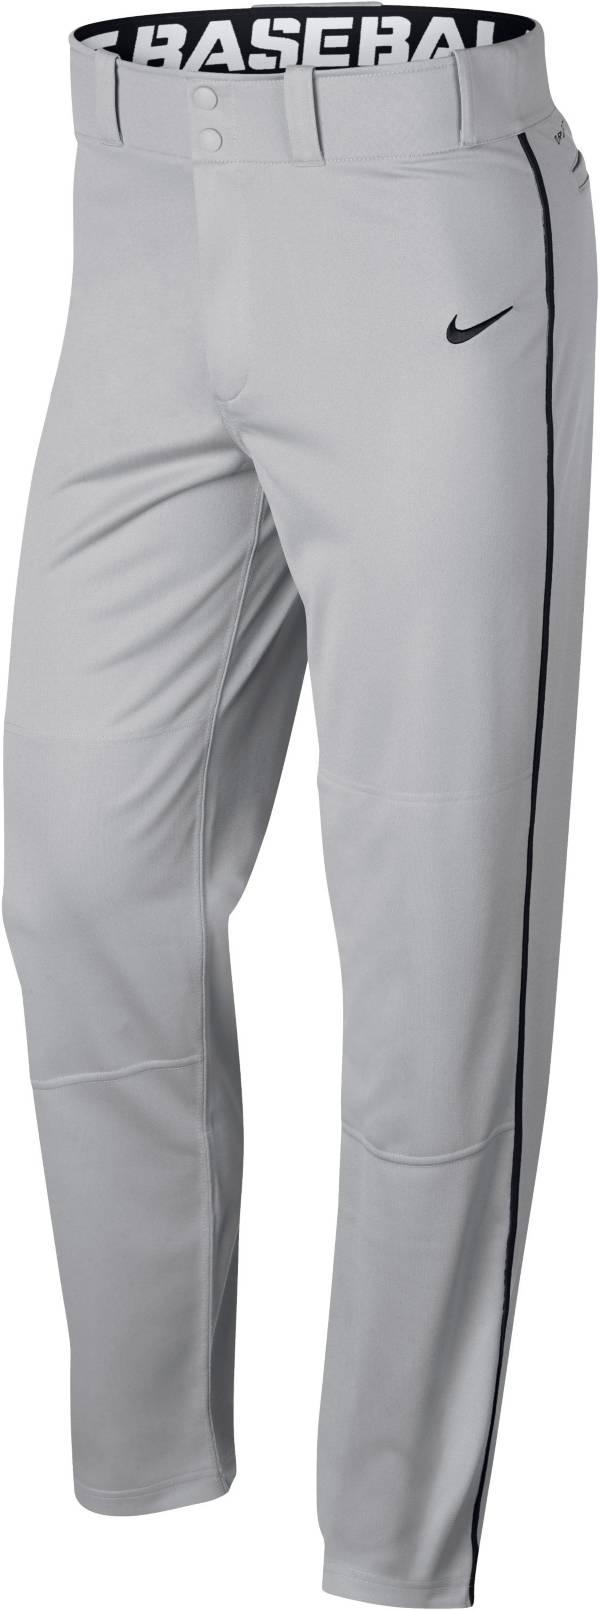 ナイキ メンズ ベースボールパンツ Nike Swoosh Piped Dri-FIT Baseball Pants 野球 GREY/BLACK